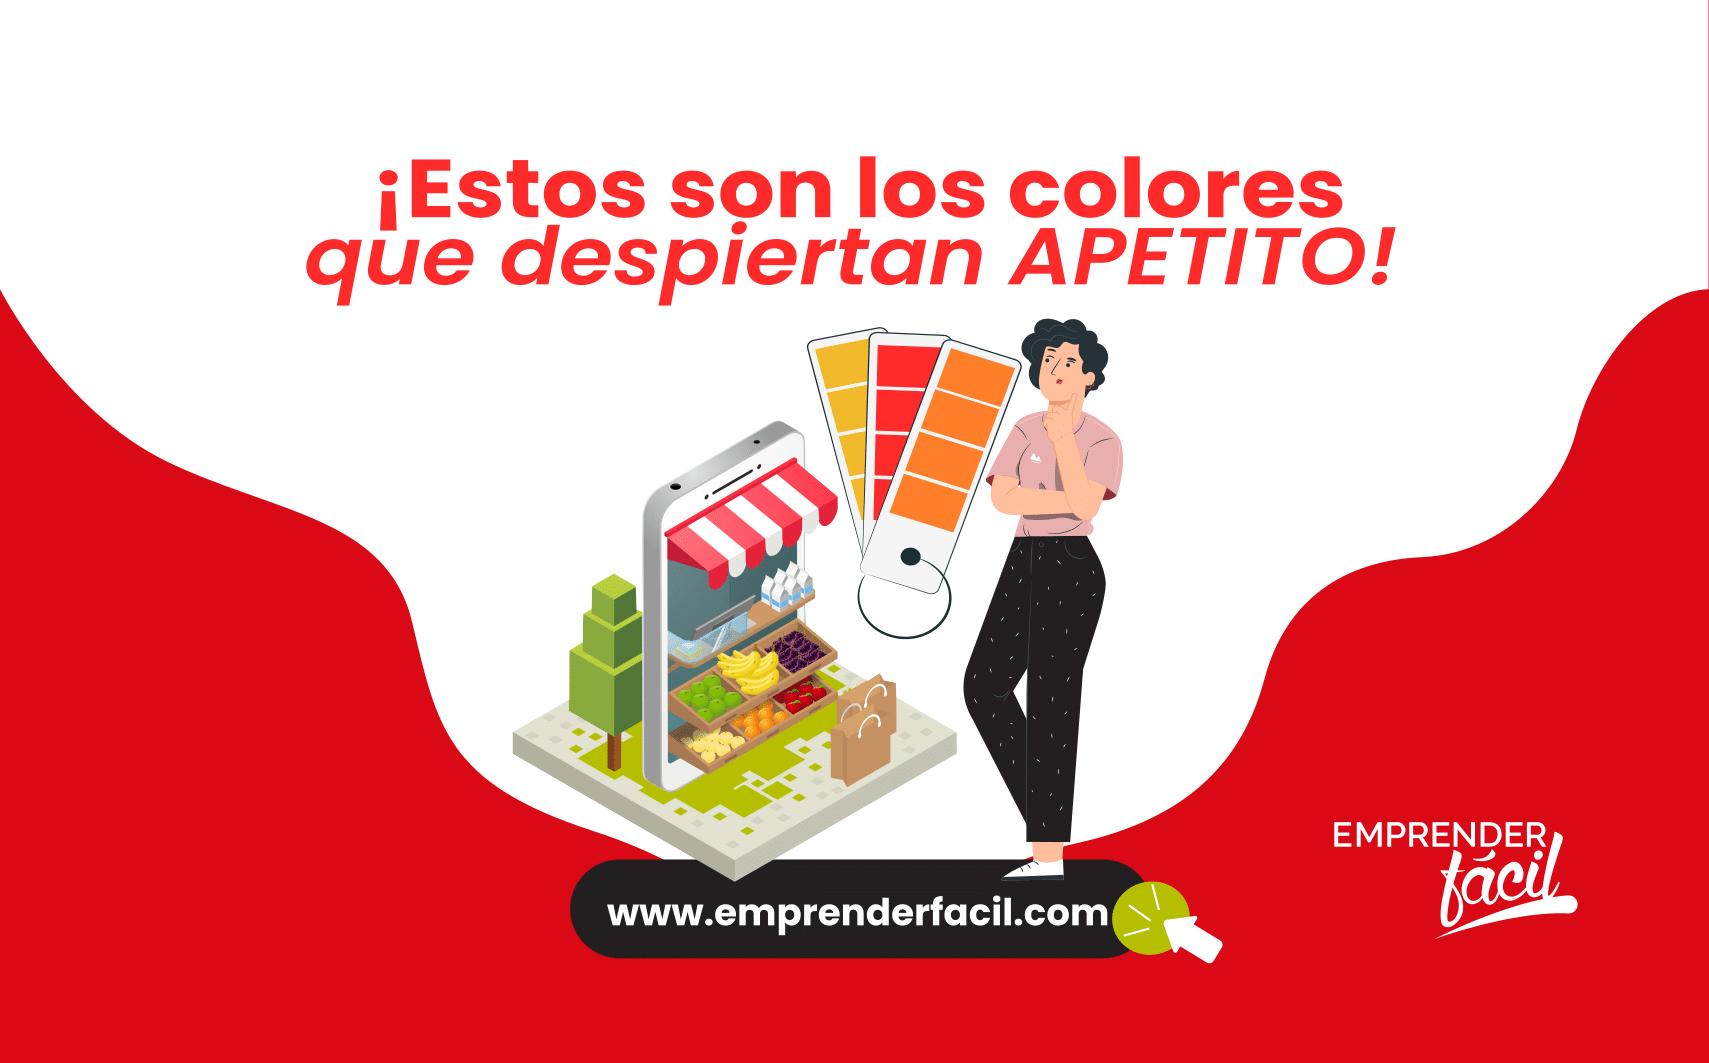 Las colores que despiertan el apetito